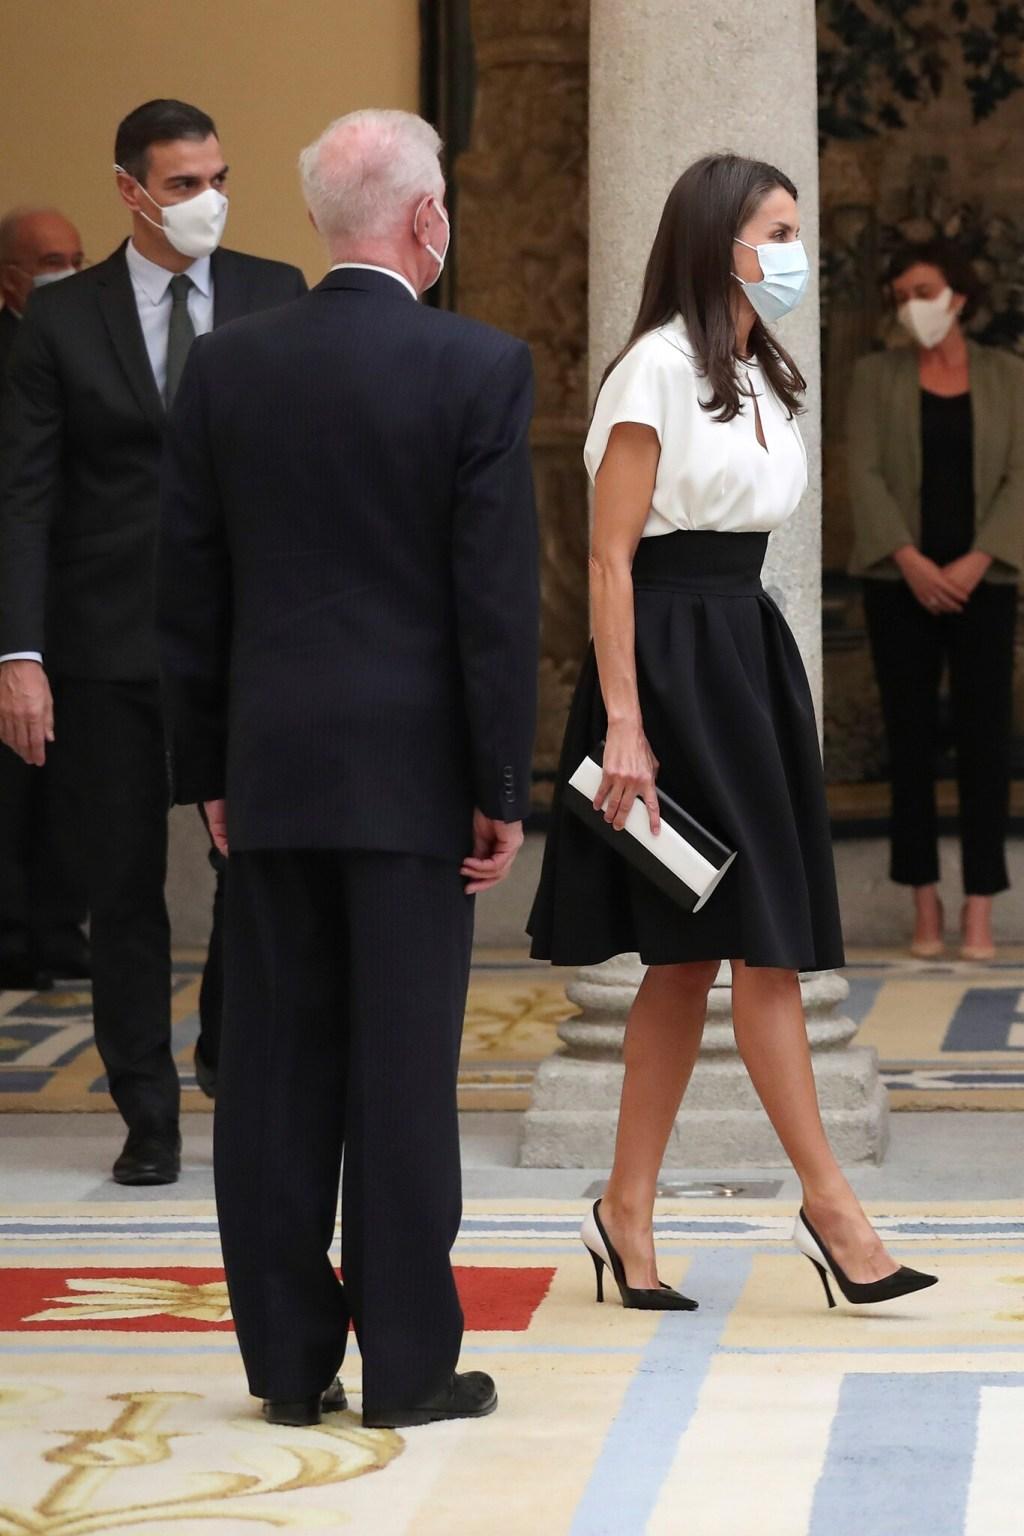 La reina Letizia y sus dos looks que combinan lo lady y lo working